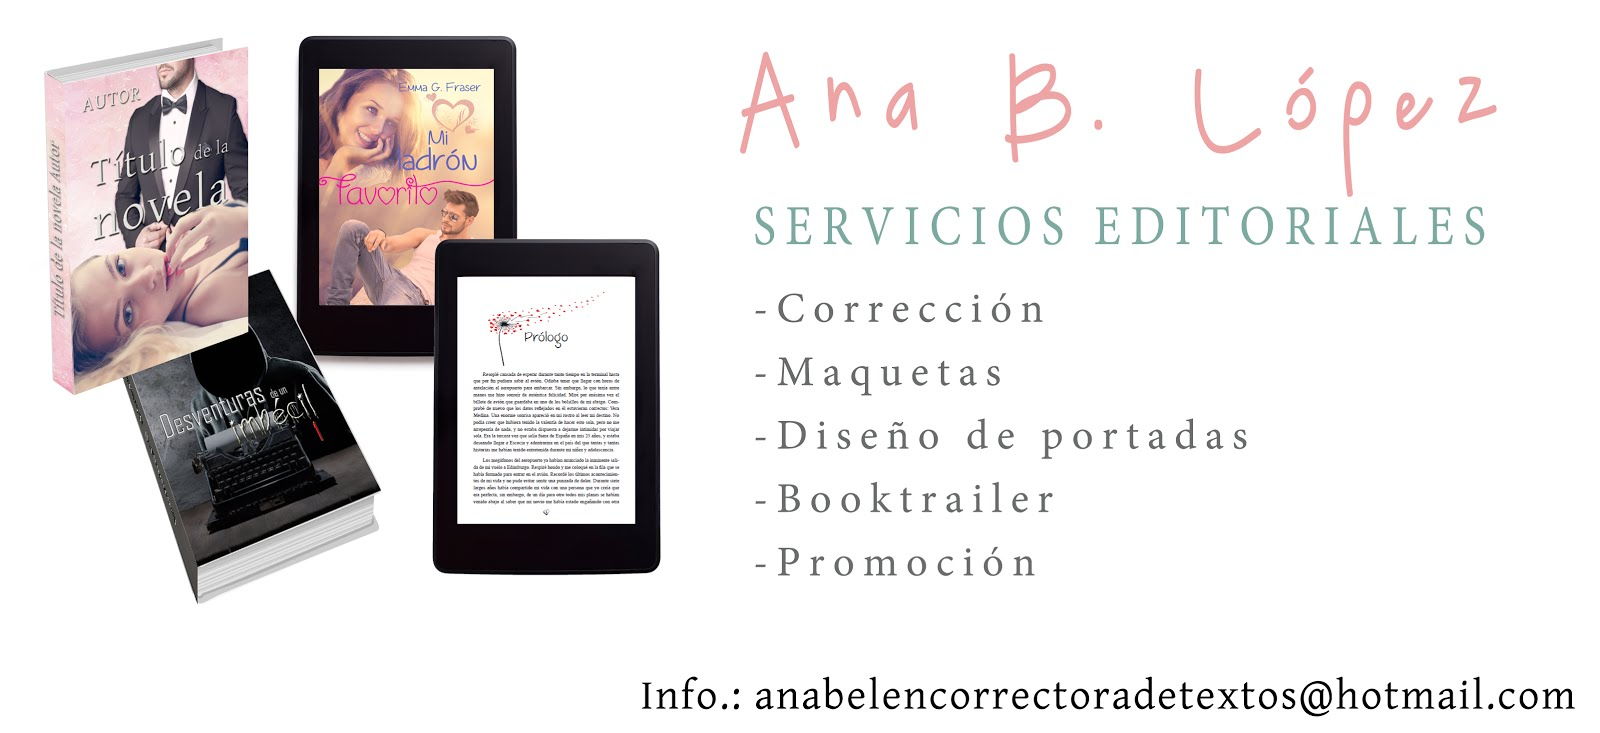 DISEÑO DE PORTADAS, MAQUETACIÓN Y CORRECCIÓN DE LIBROS